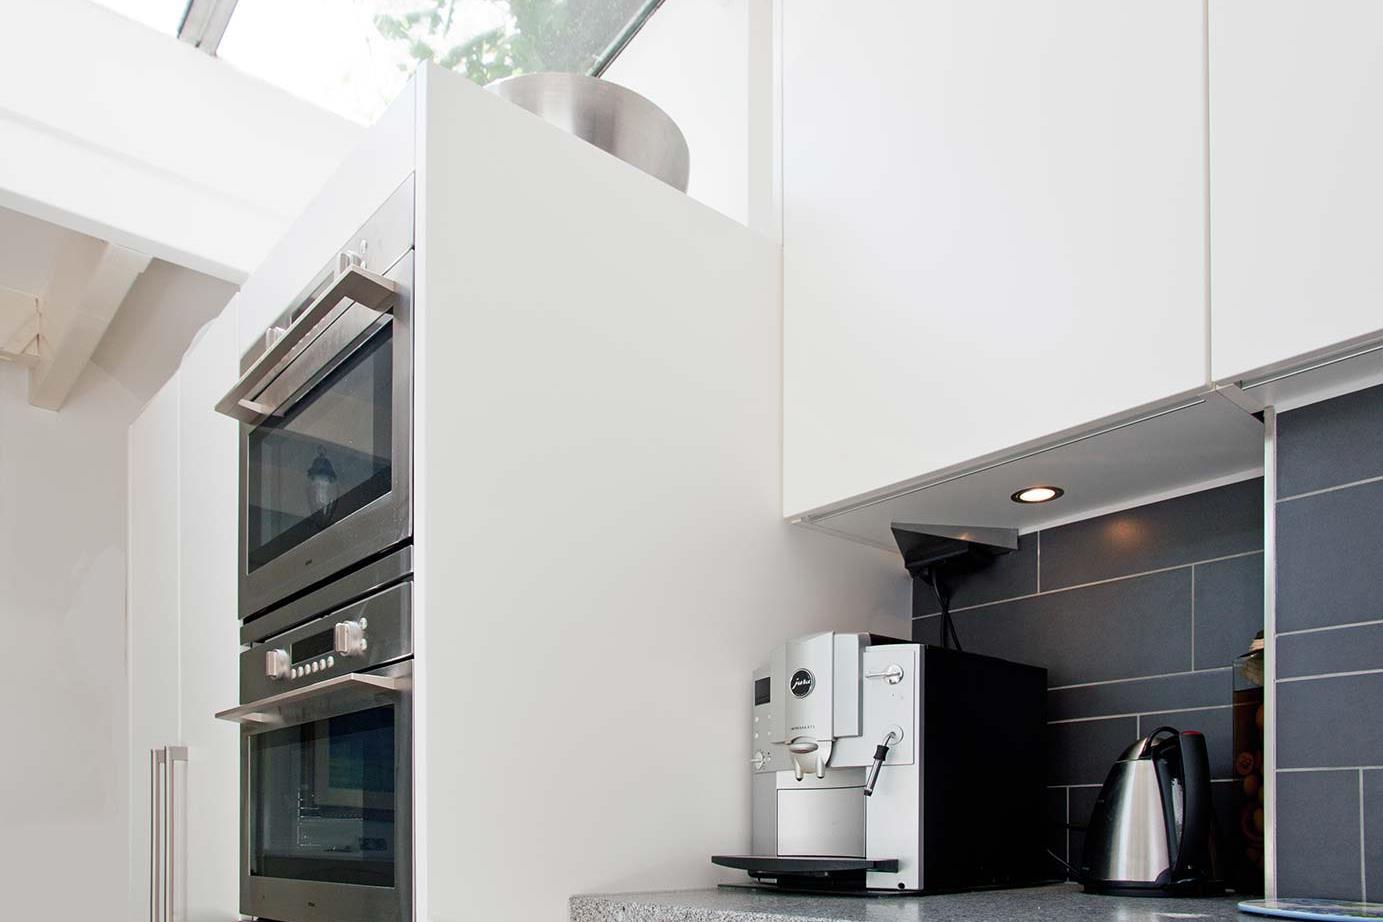 Keur Keukens Haarlem : Keur keukens beoordelingen en ervaringen sterrenspecialist